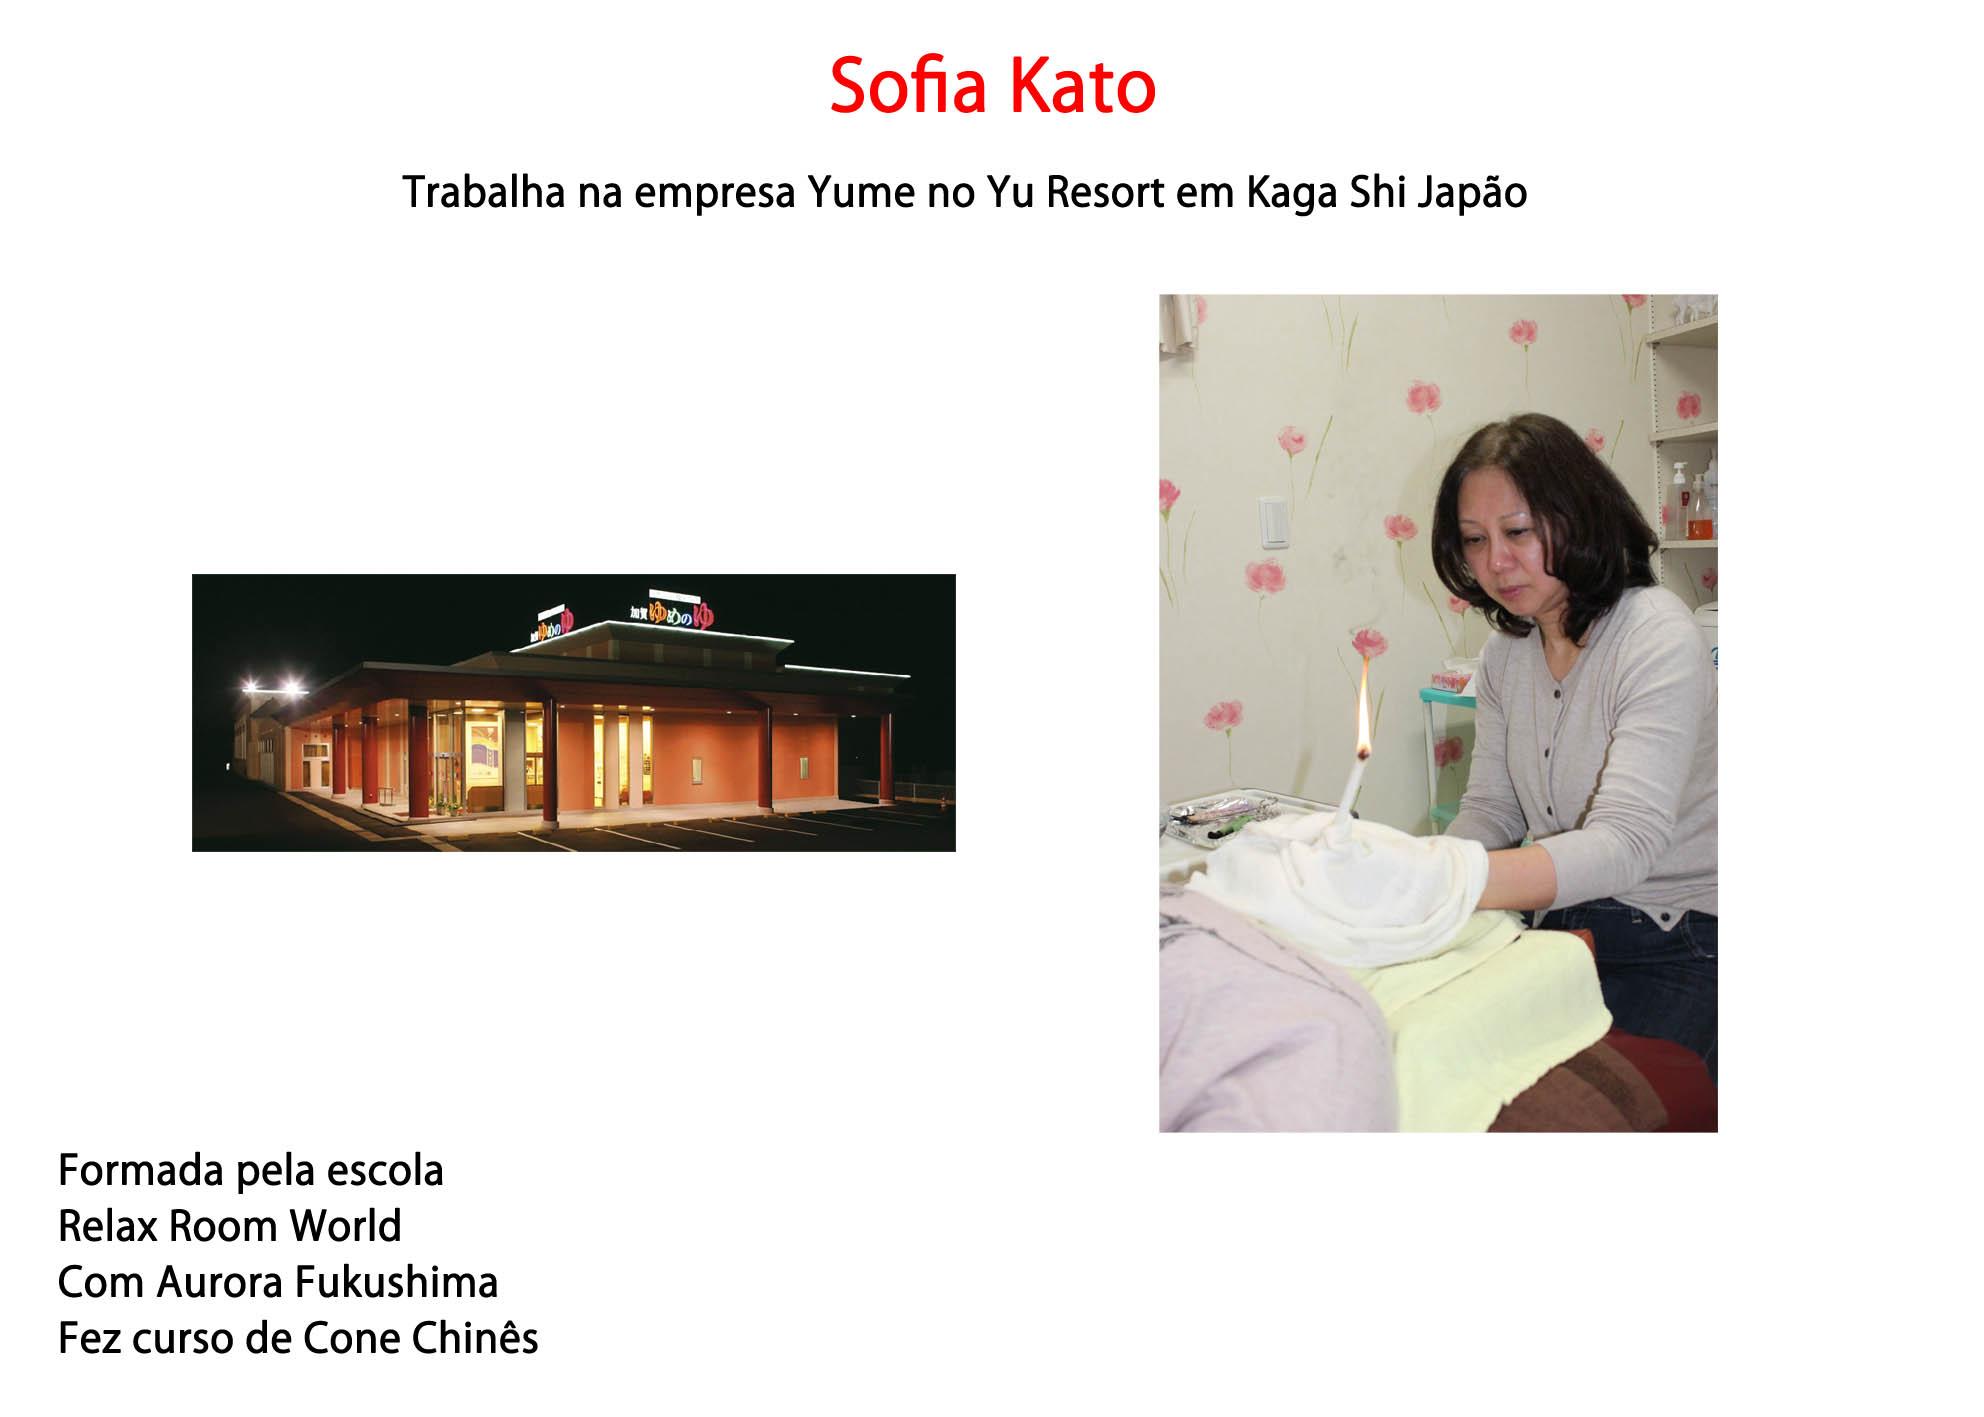 Sofia Kato